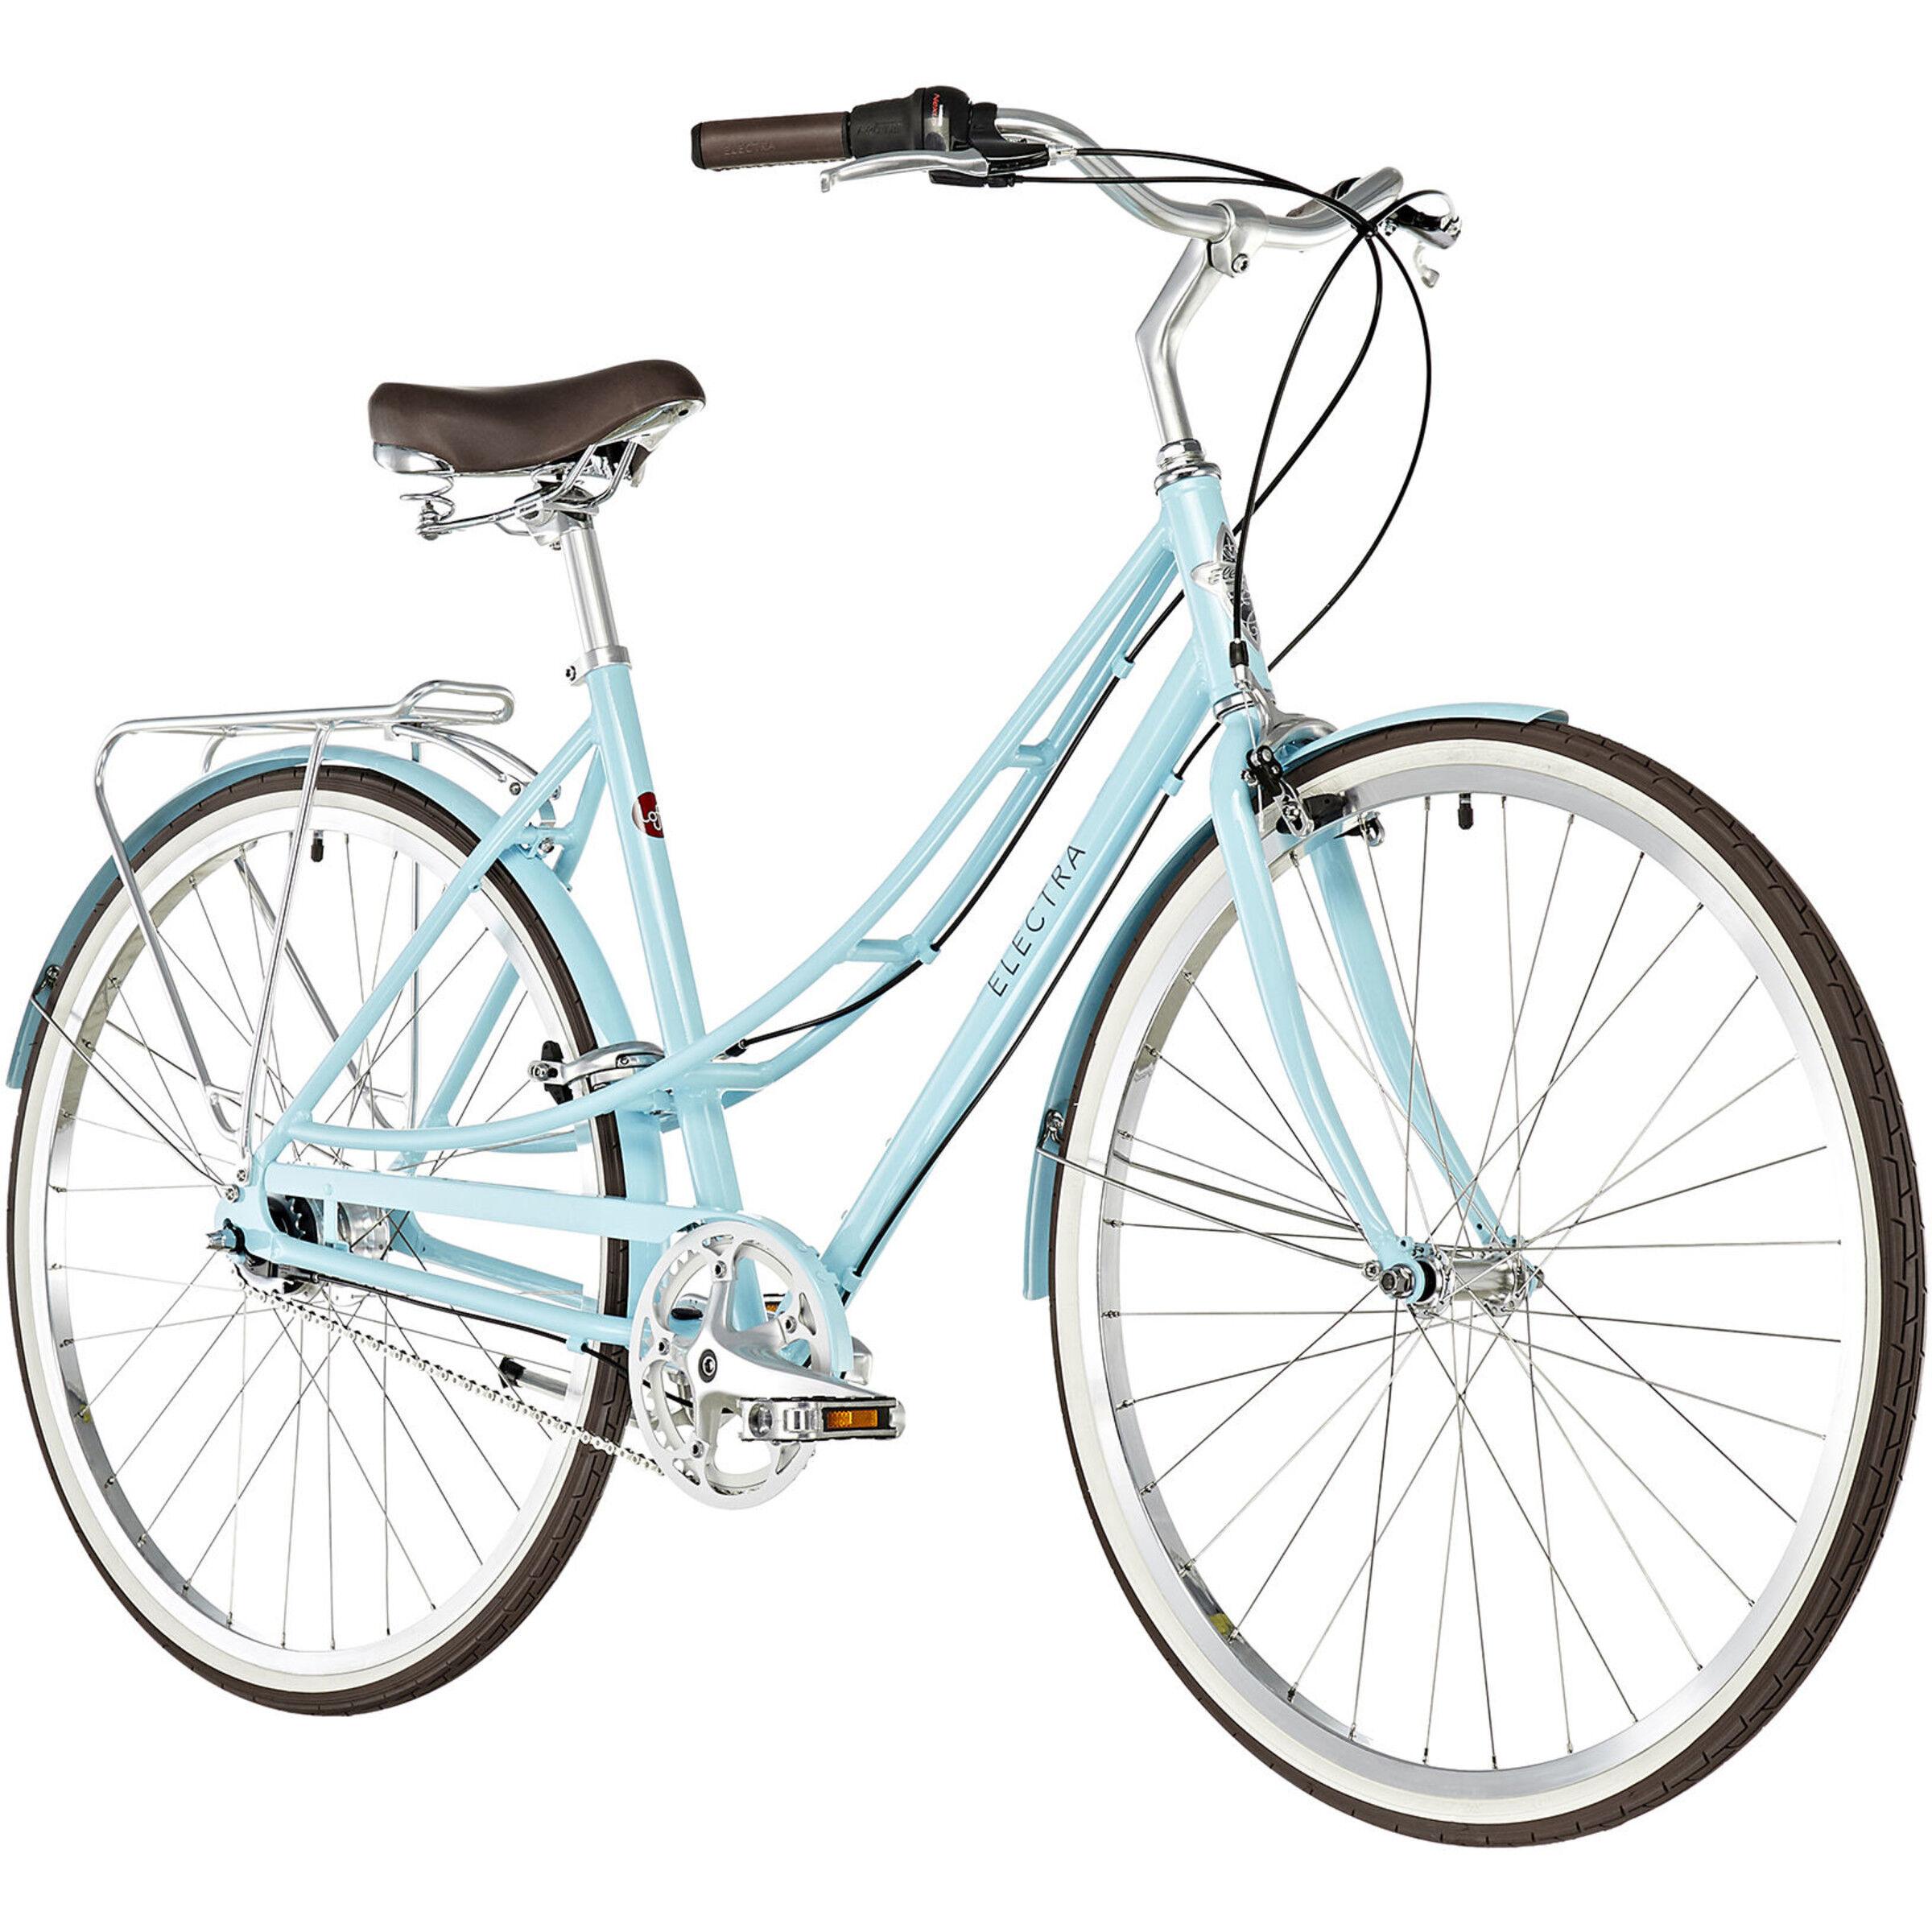 Elektrofahrräder Damen Fahrrad Kalkhoff 26 zoll Silber